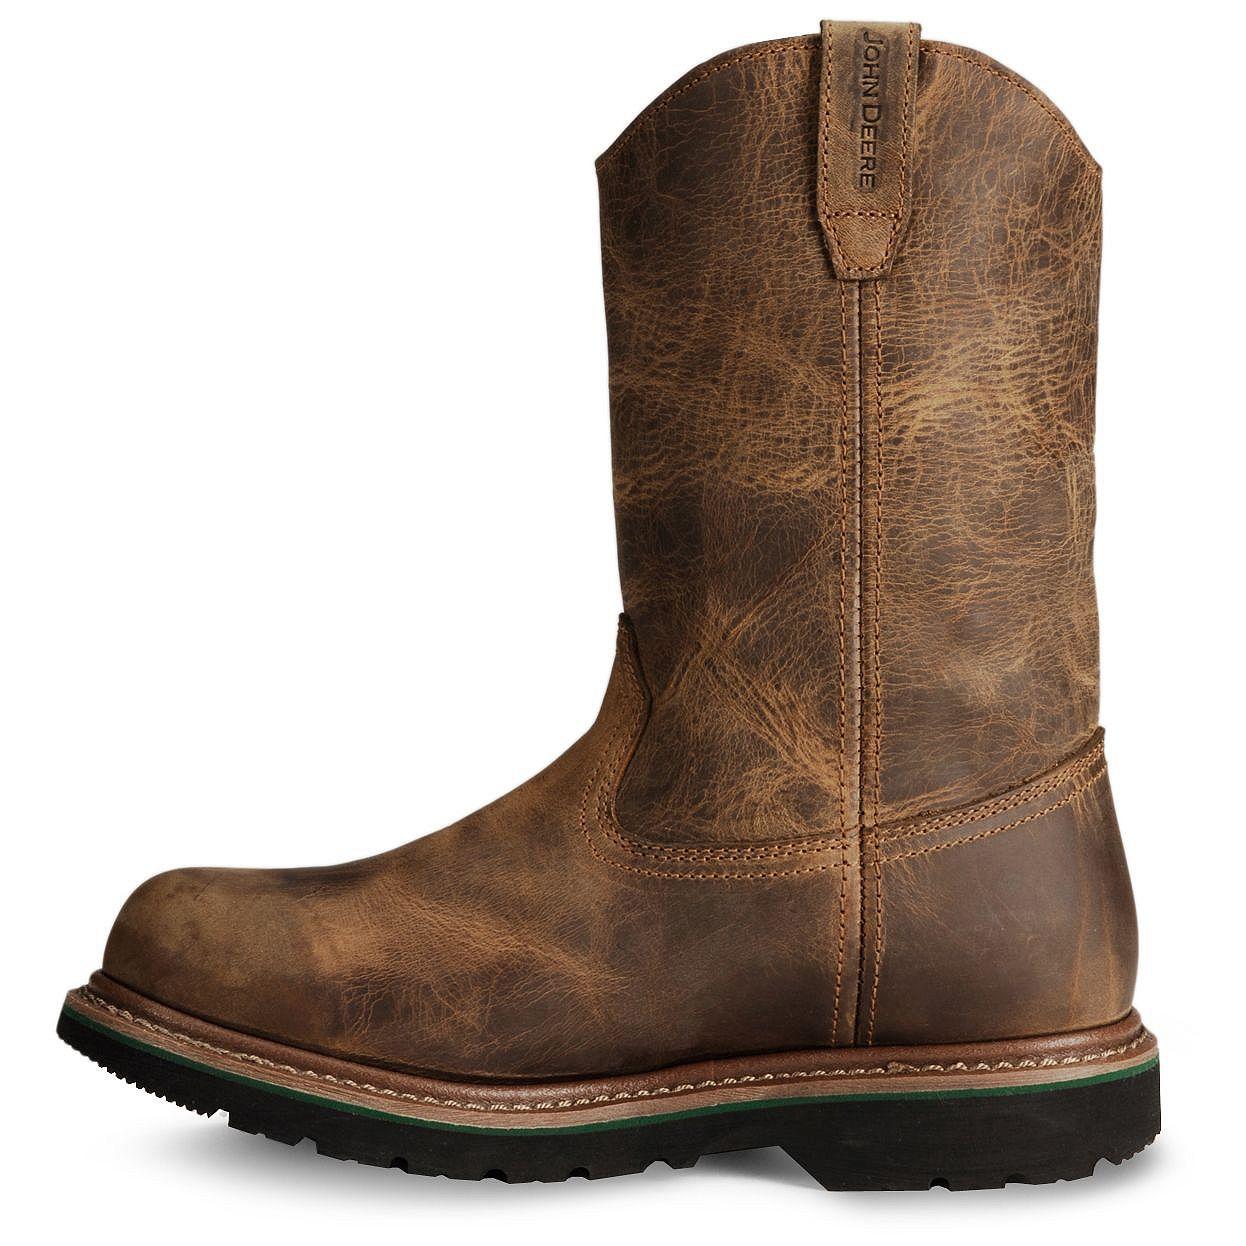 John Deere Men's Waterproof ... Steel-Toe Western Work Boots S9ywiKD